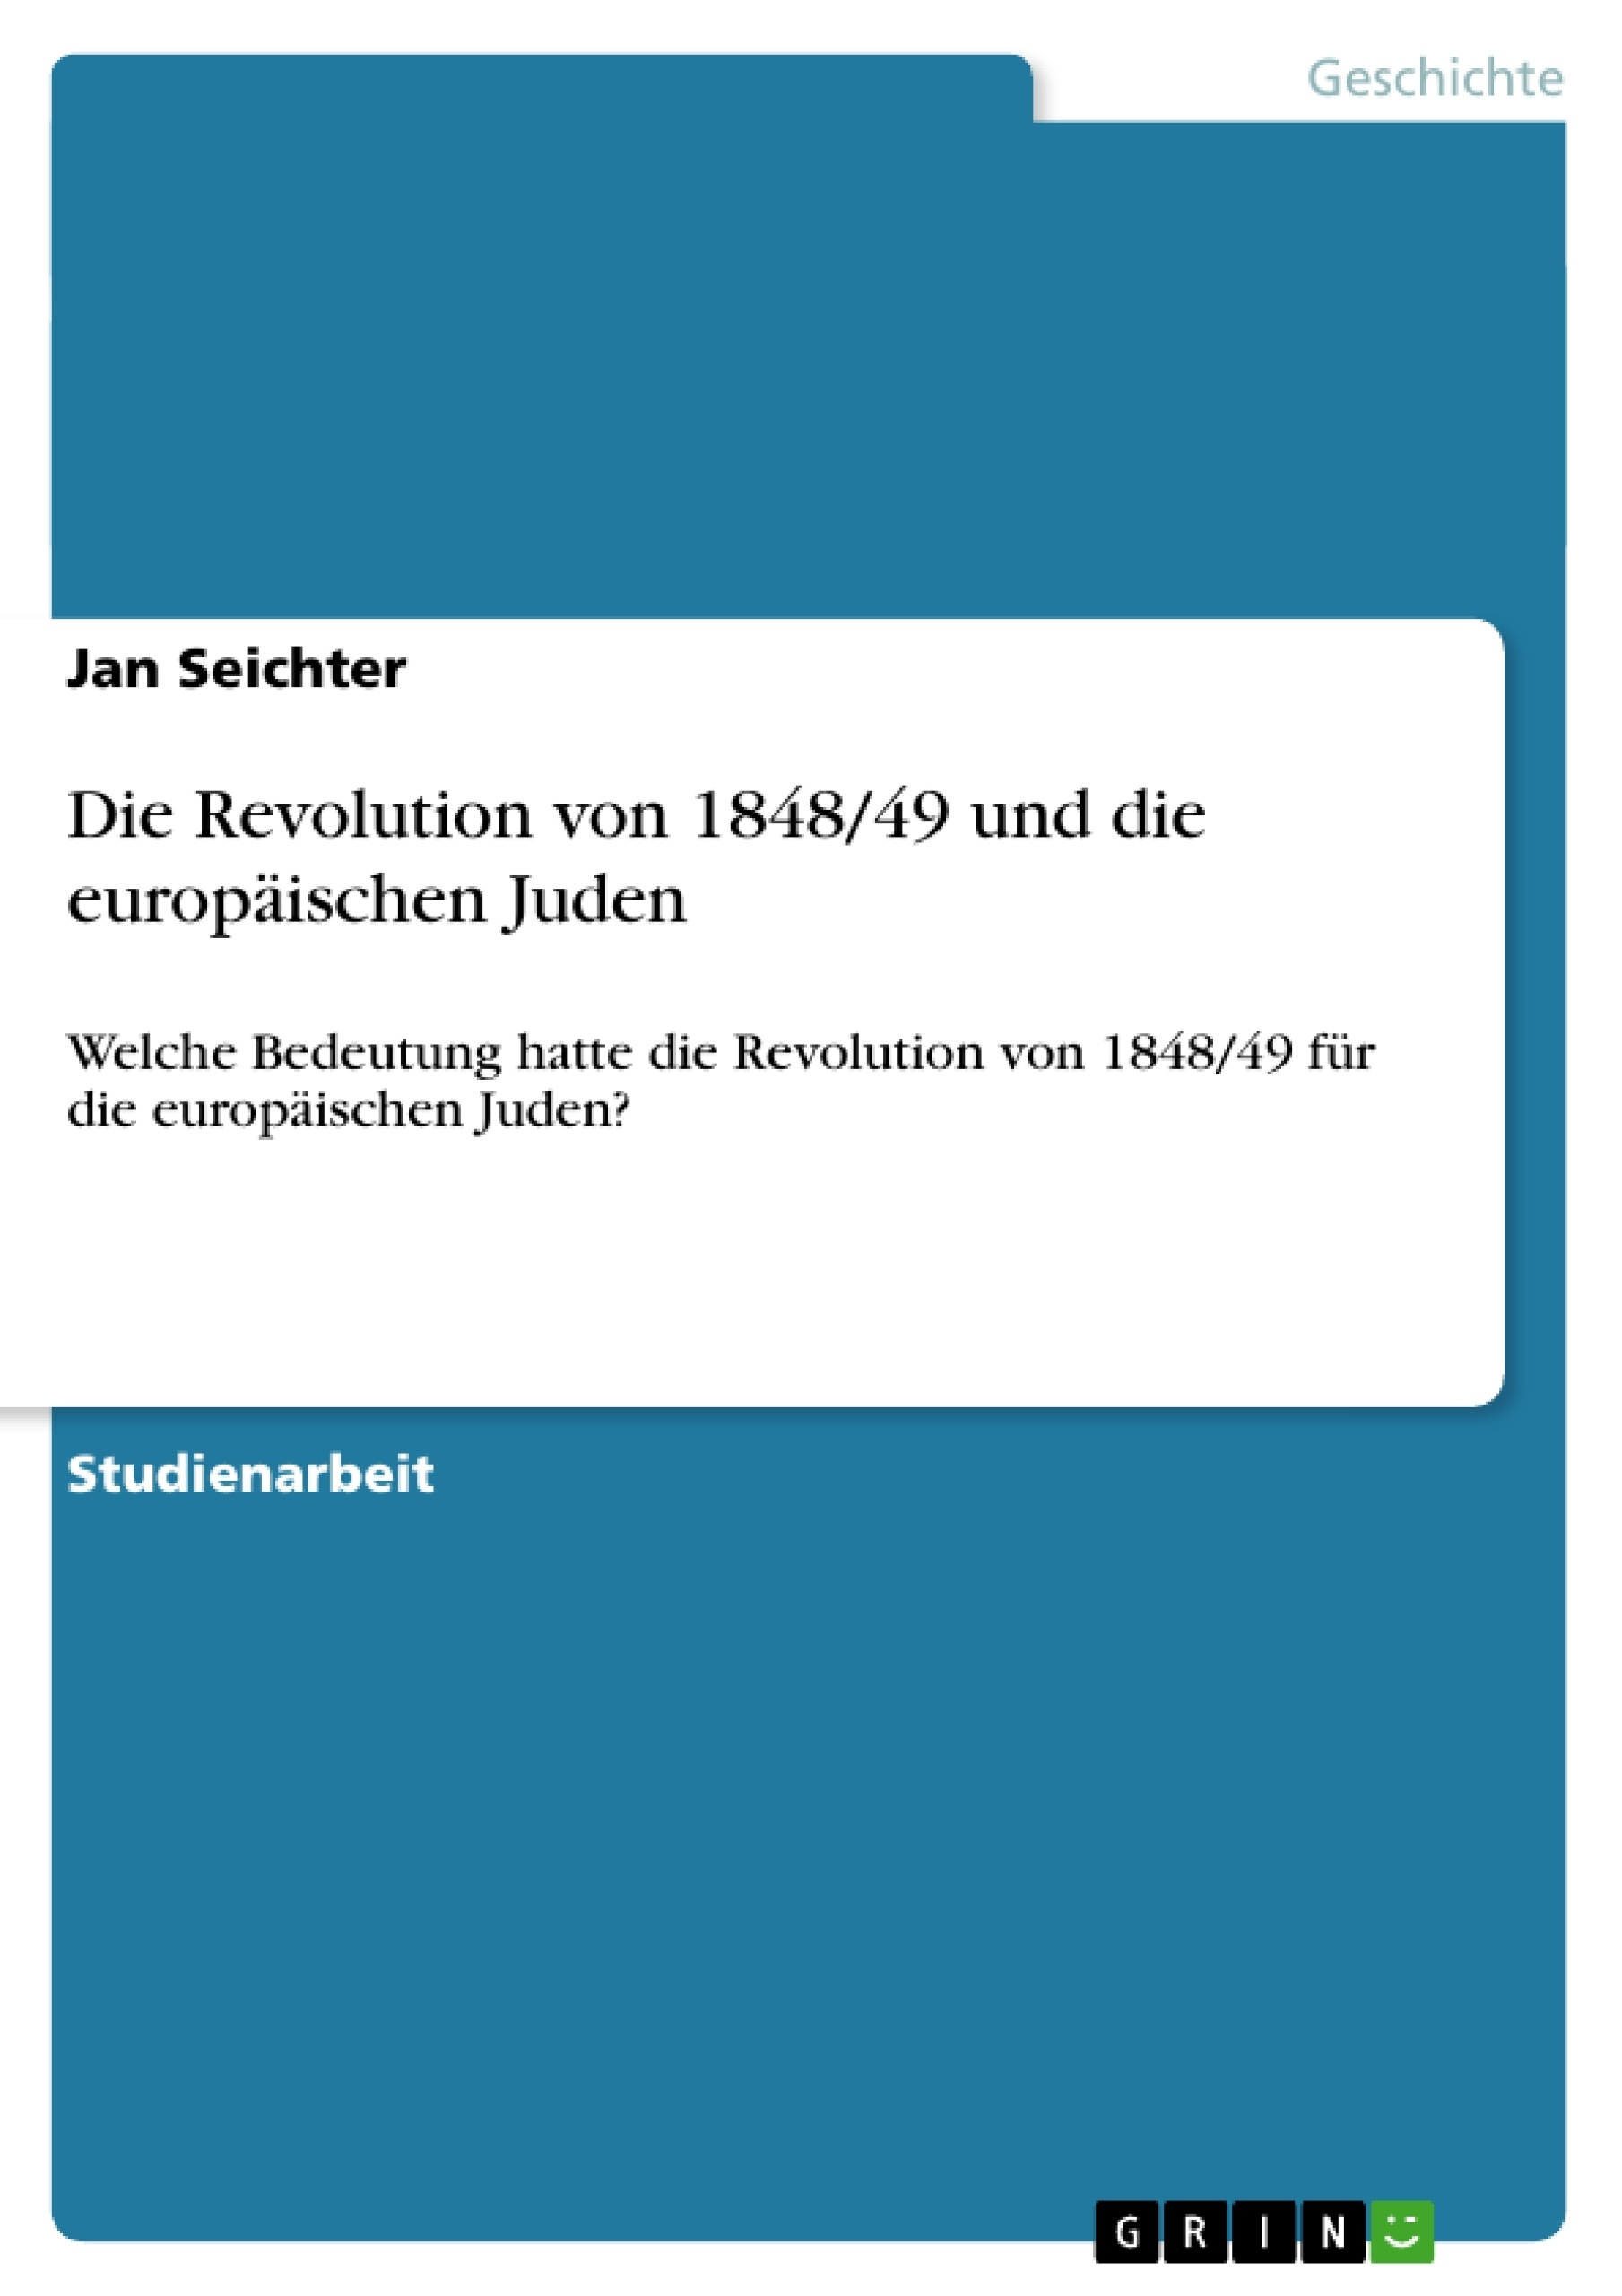 Titel: Die Revolution von 1848/49 und die europäischen Juden